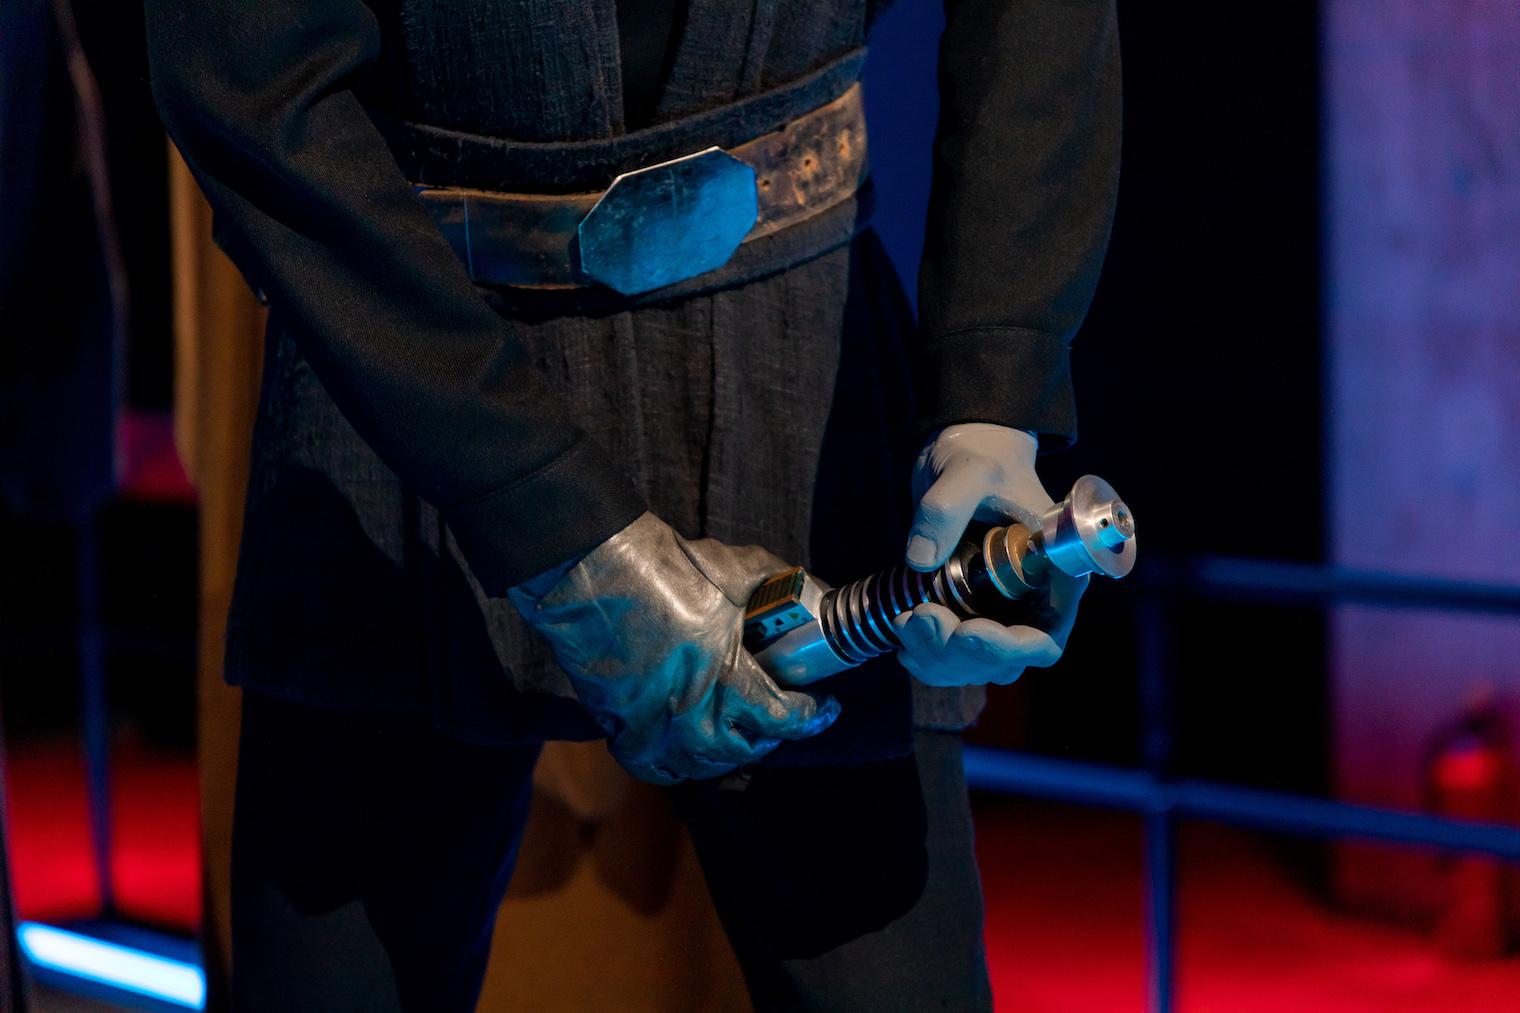 ライトセイバーを握った手